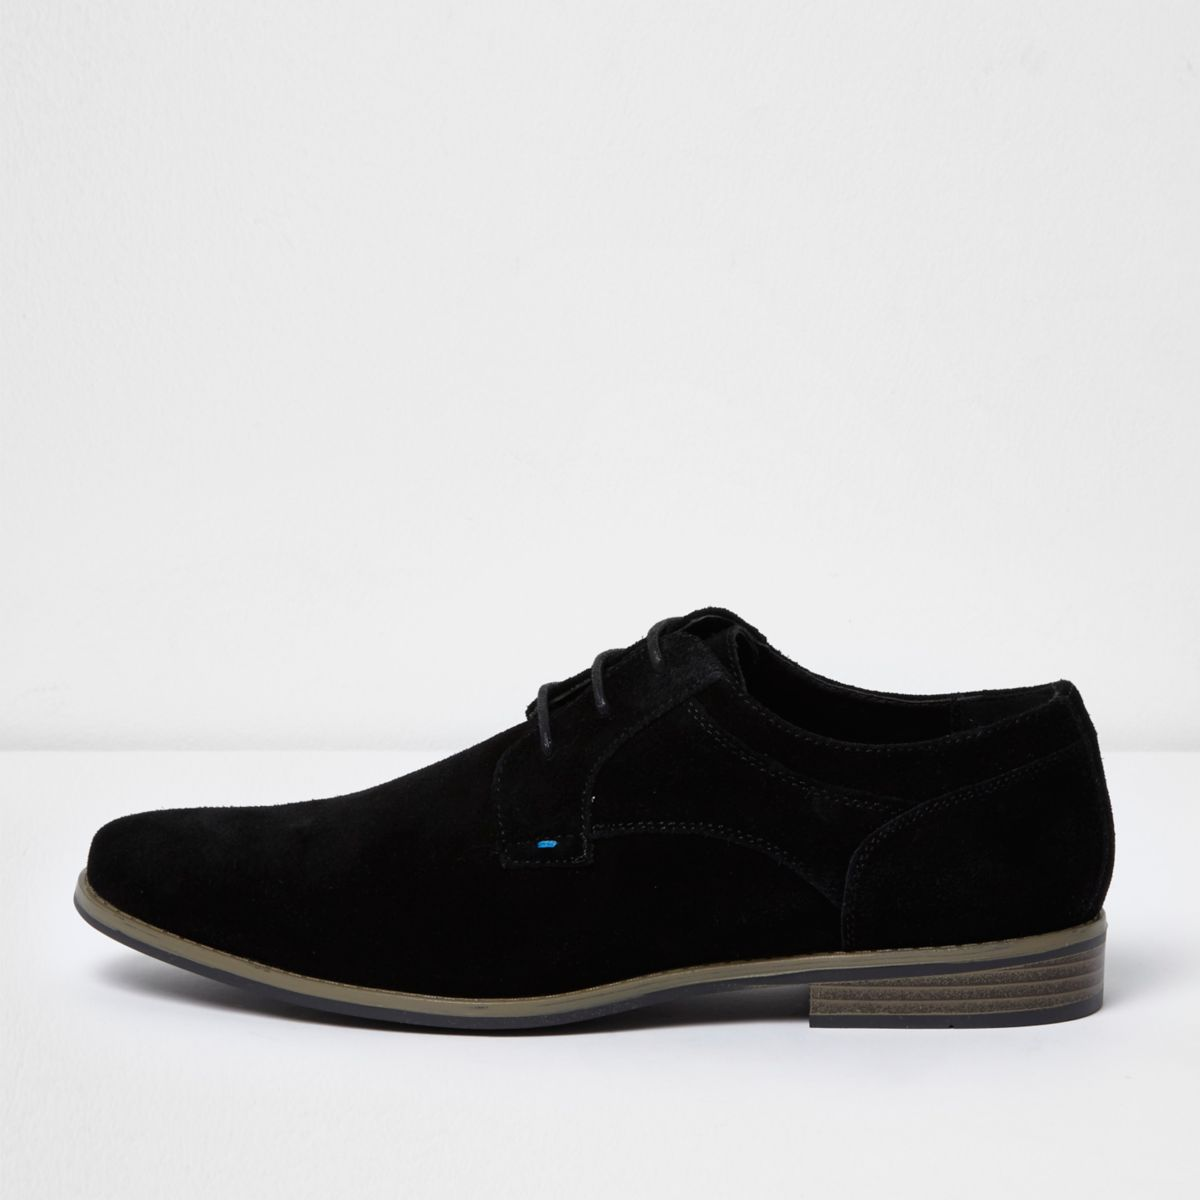 Zwarte suède derby schoenen